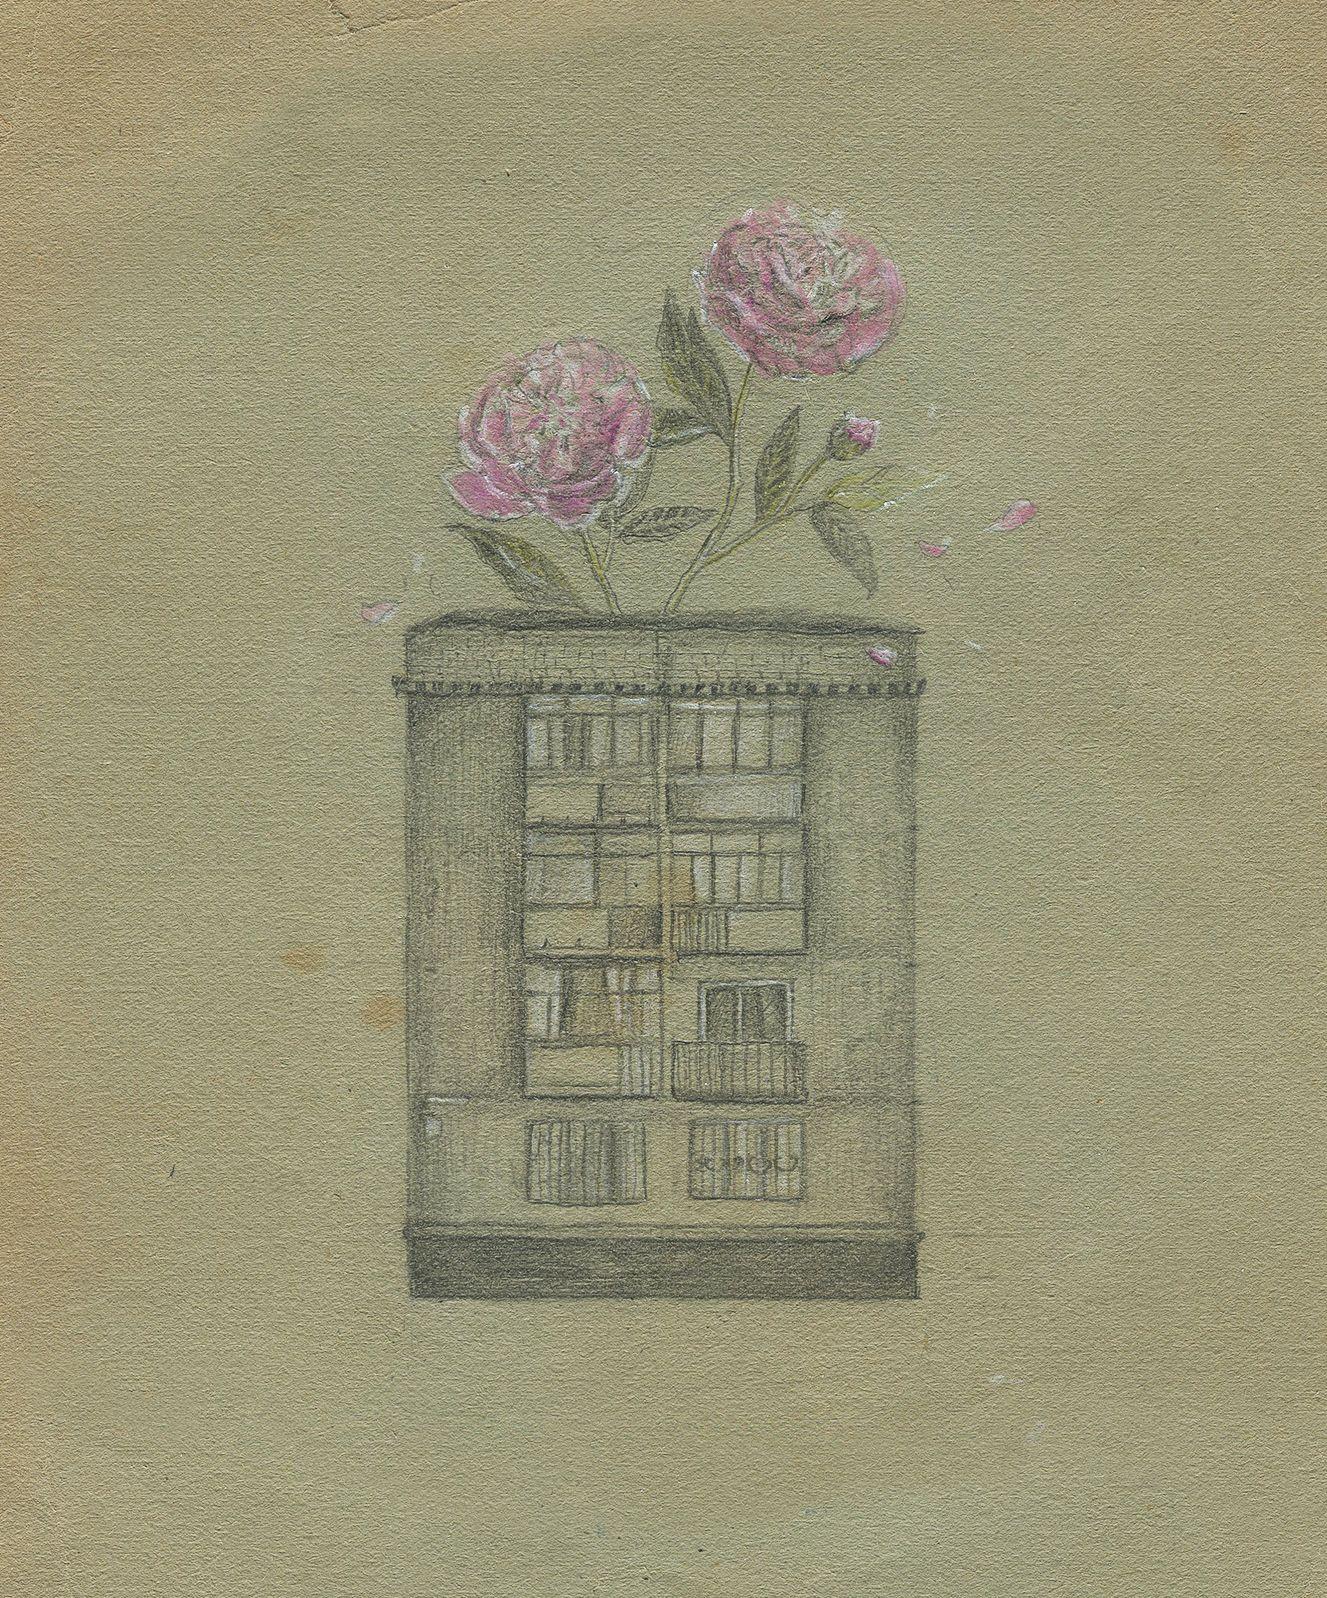 Євгенія Любчик. Зелений дім, 2020; рисунок, олівець, кольорові олівці, 13х17